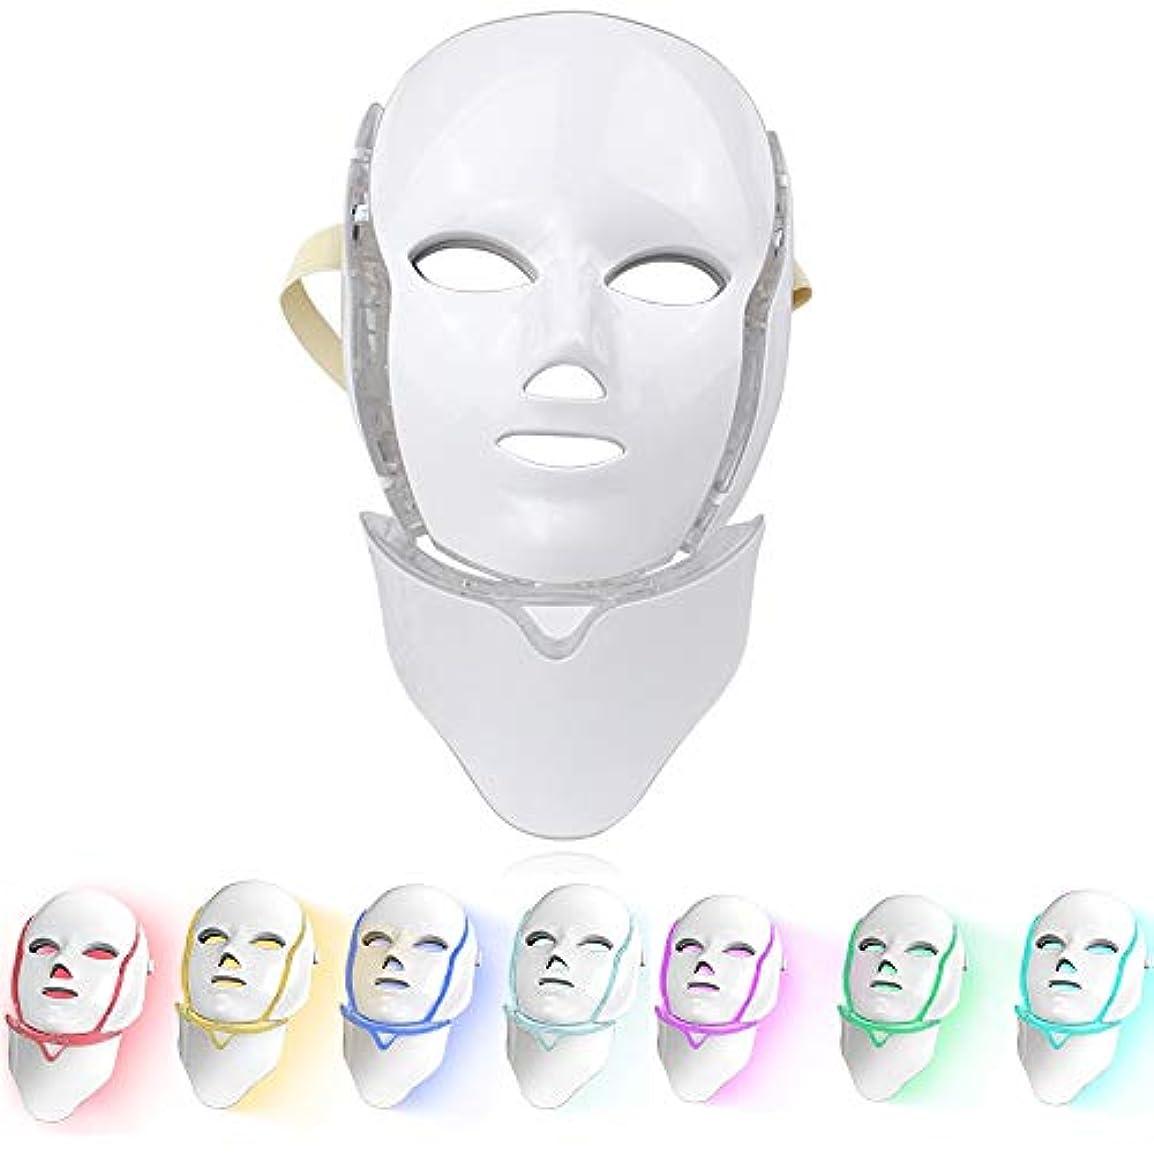 半球に慣れ日光LED光線療法マスク(ネック付き)7色光線治療スキンケア美容光線療法アンチエイジングアクネリンクルマスク